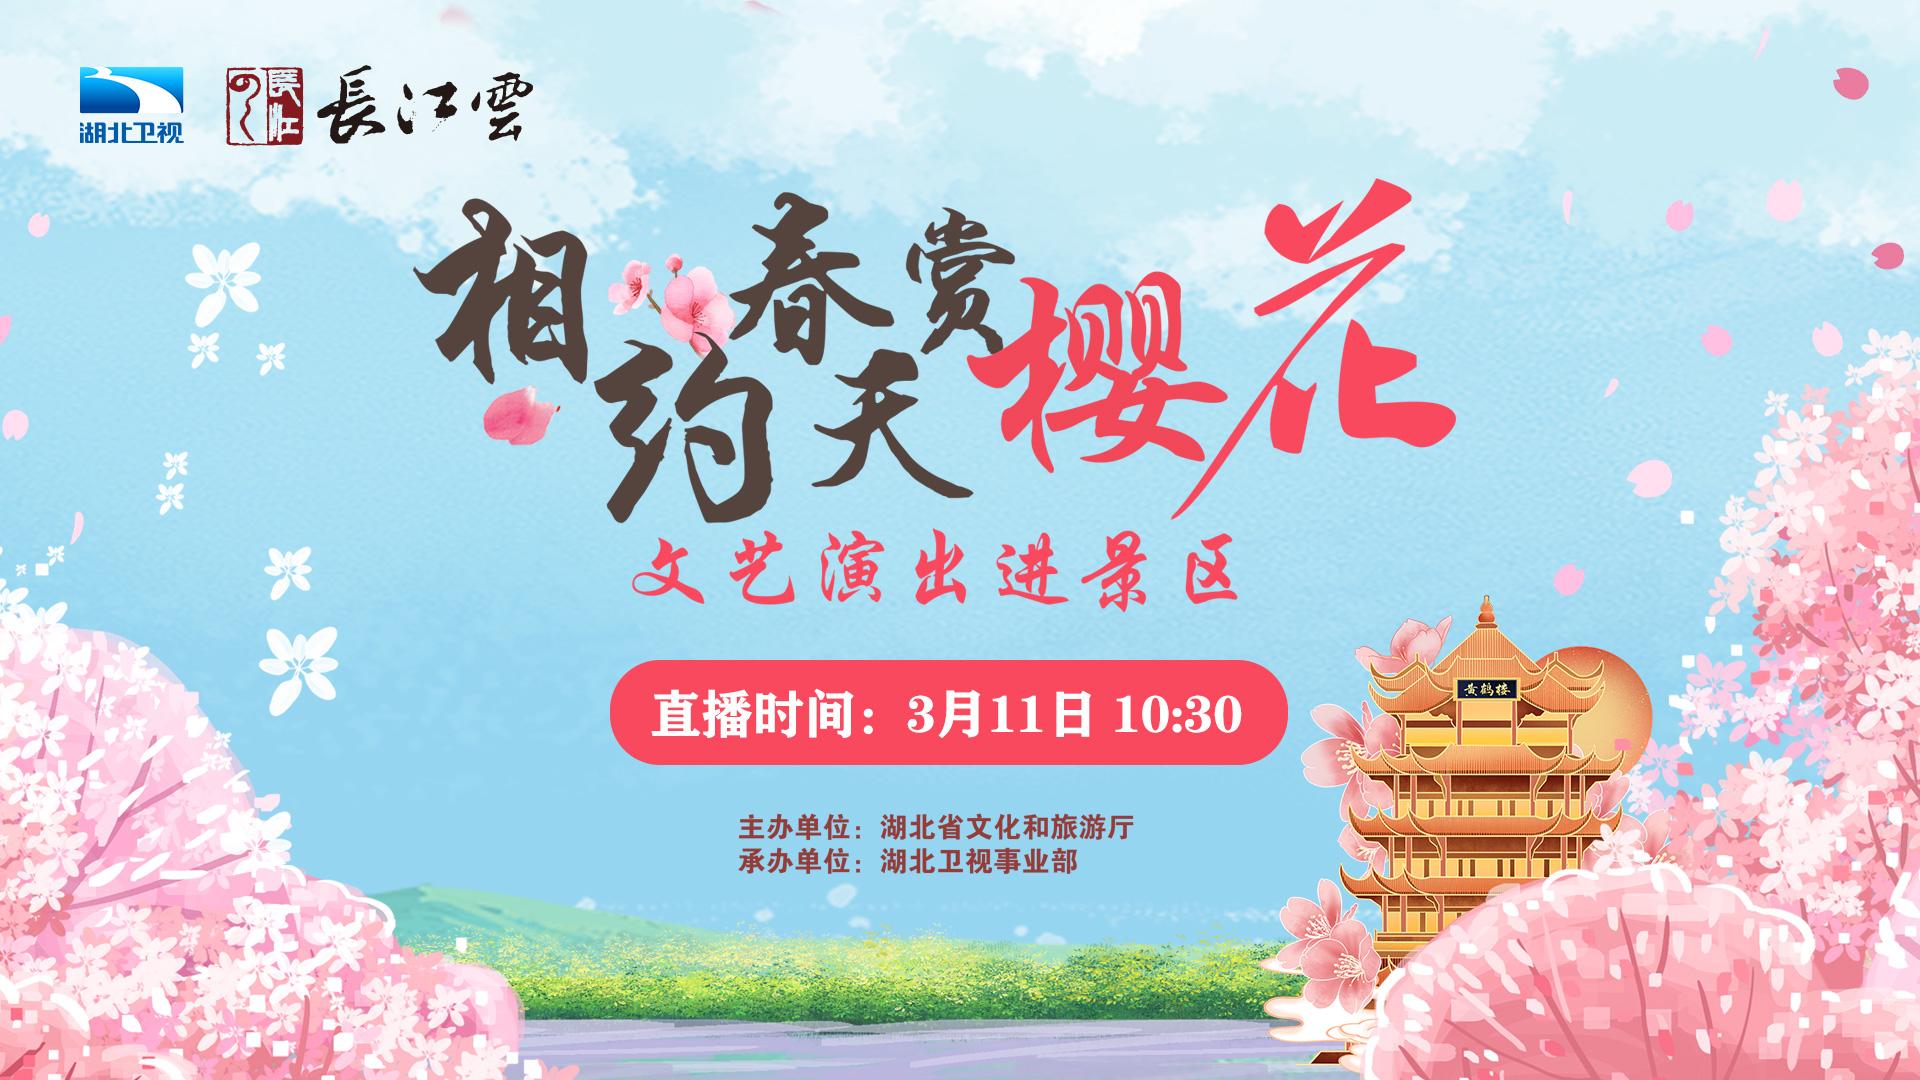 视频 | 东湖之滨,樱花树下,邀你共赏!